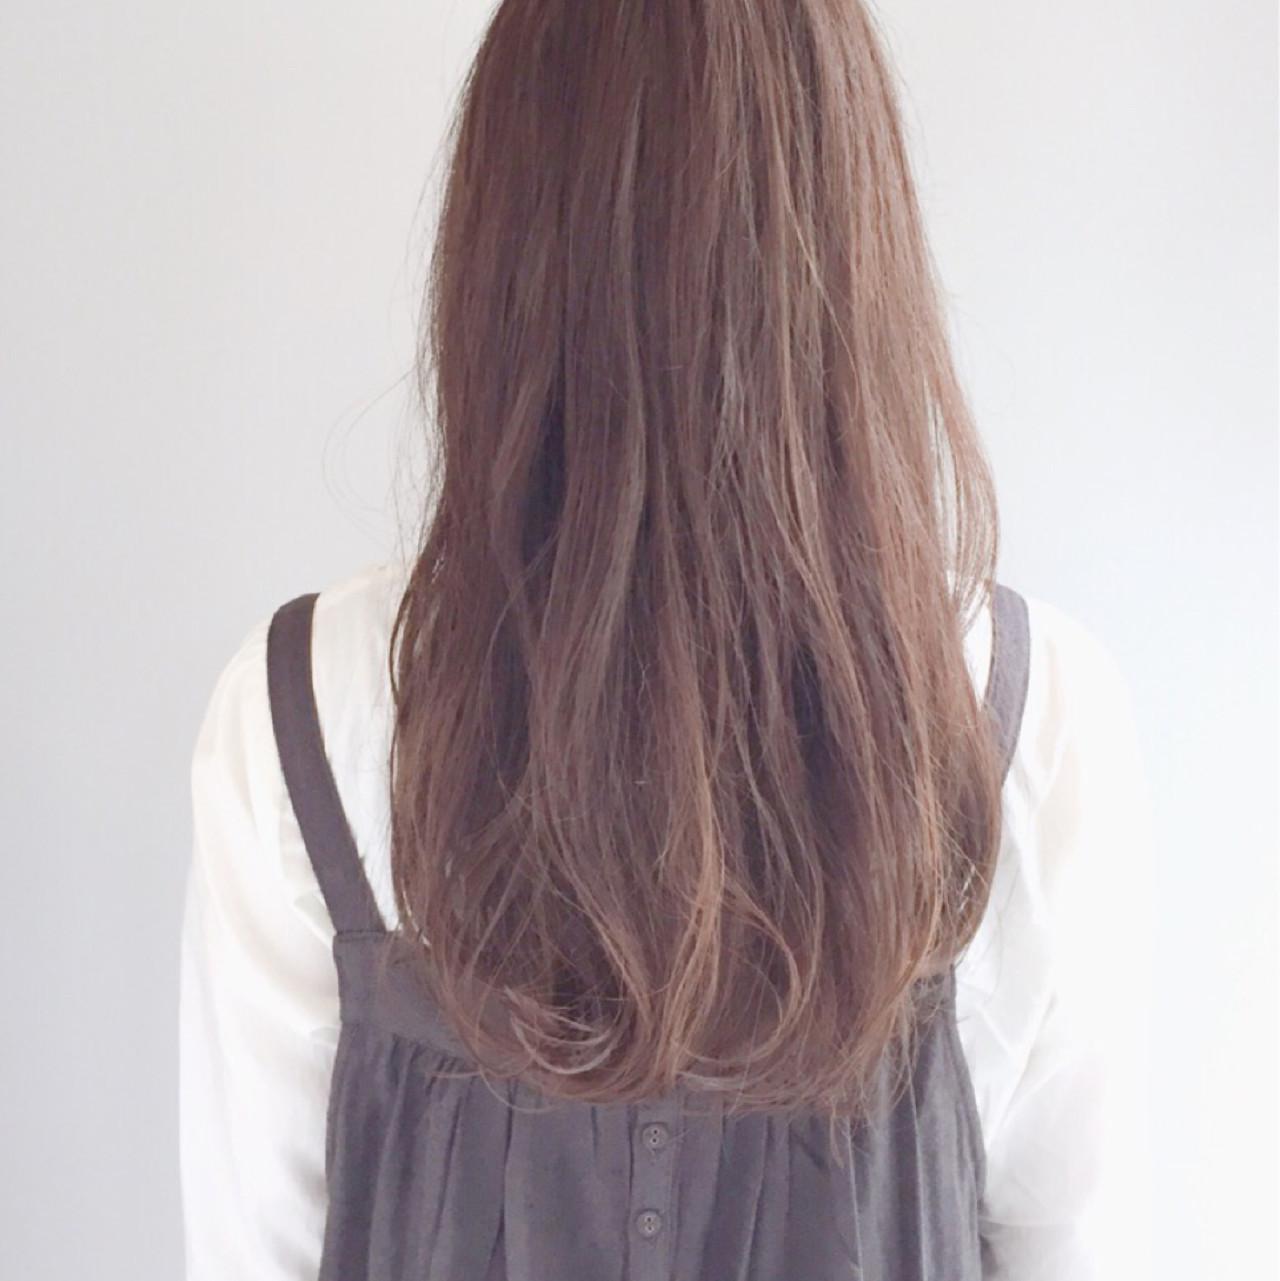 透明感 ロング 愛され ニュアンス ヘアスタイルや髪型の写真・画像